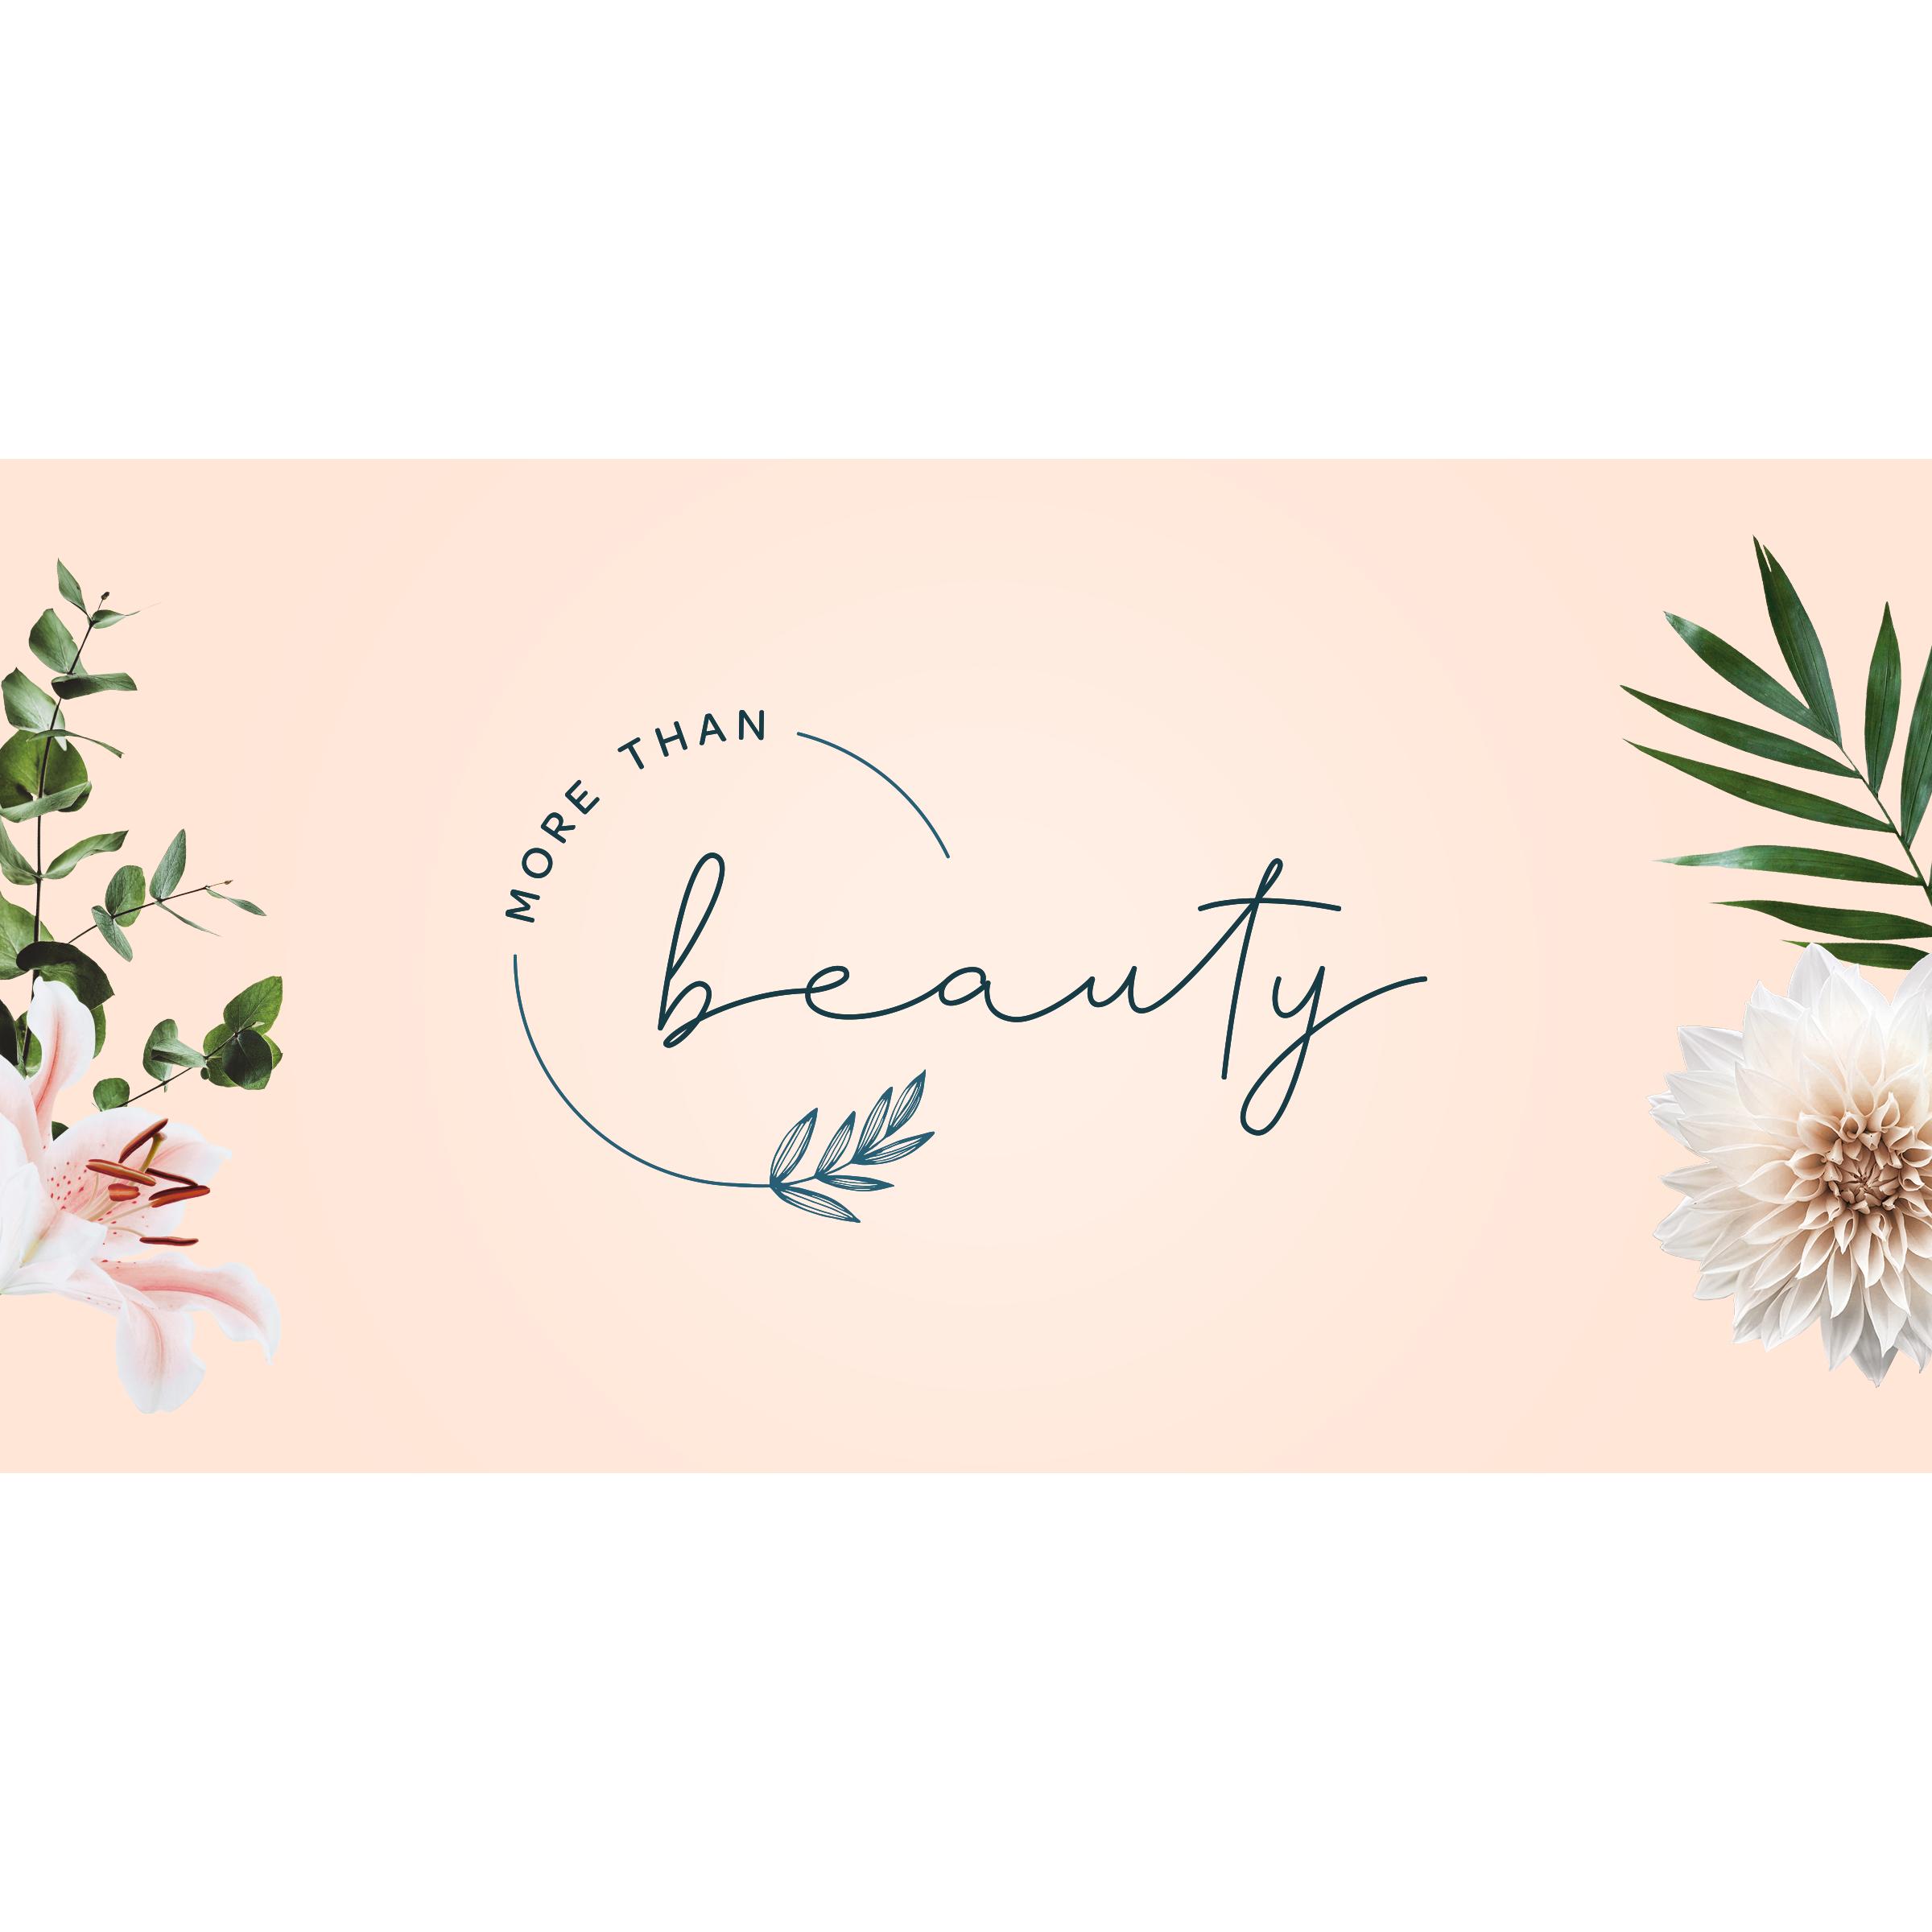 Kosmetik More than Beauty